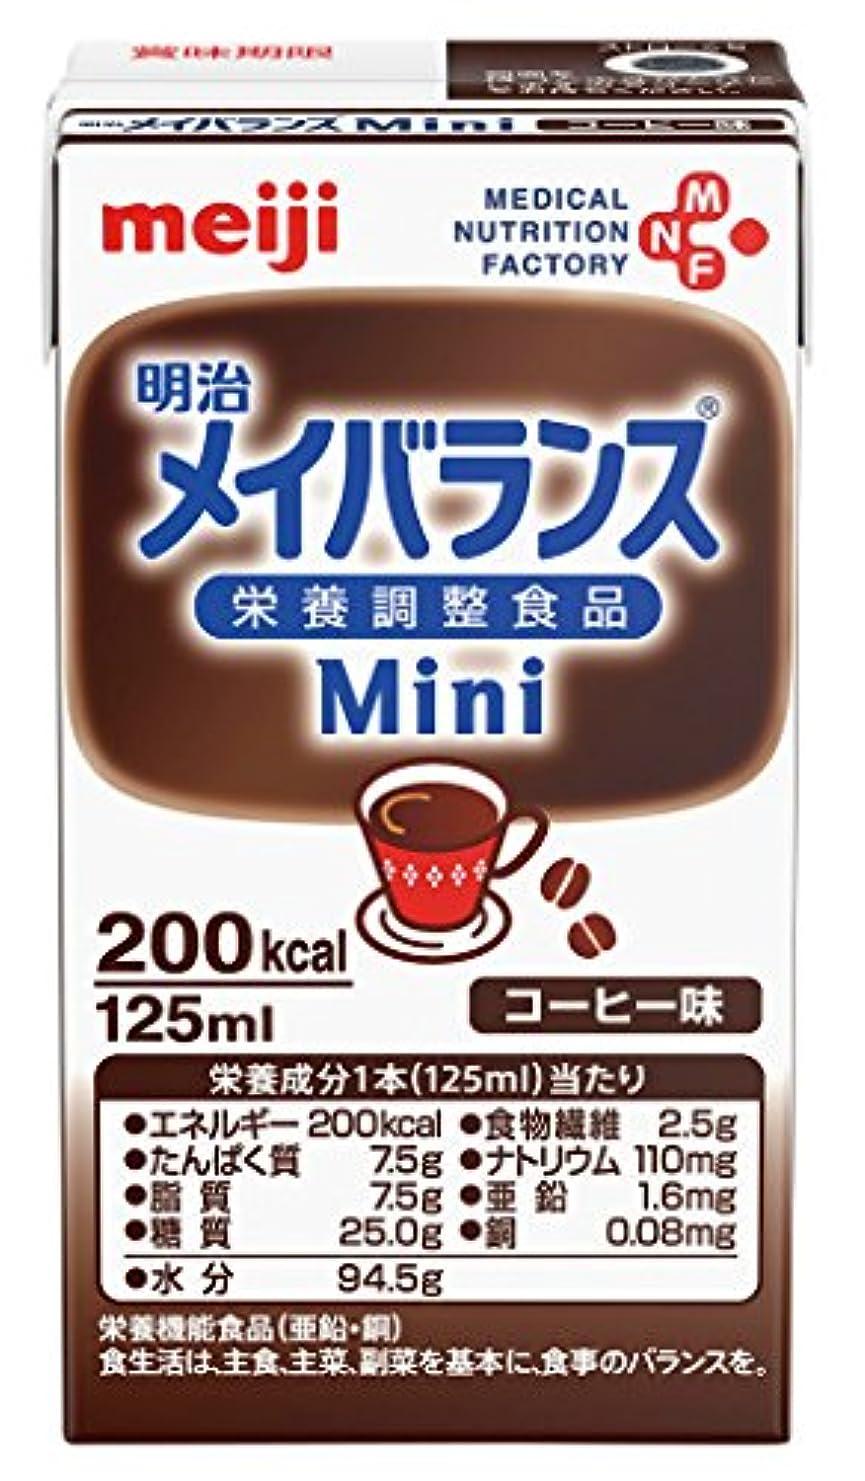 リハーサル振るうフェデレーション【明治】メイバランス Mini コーヒー味 125ml